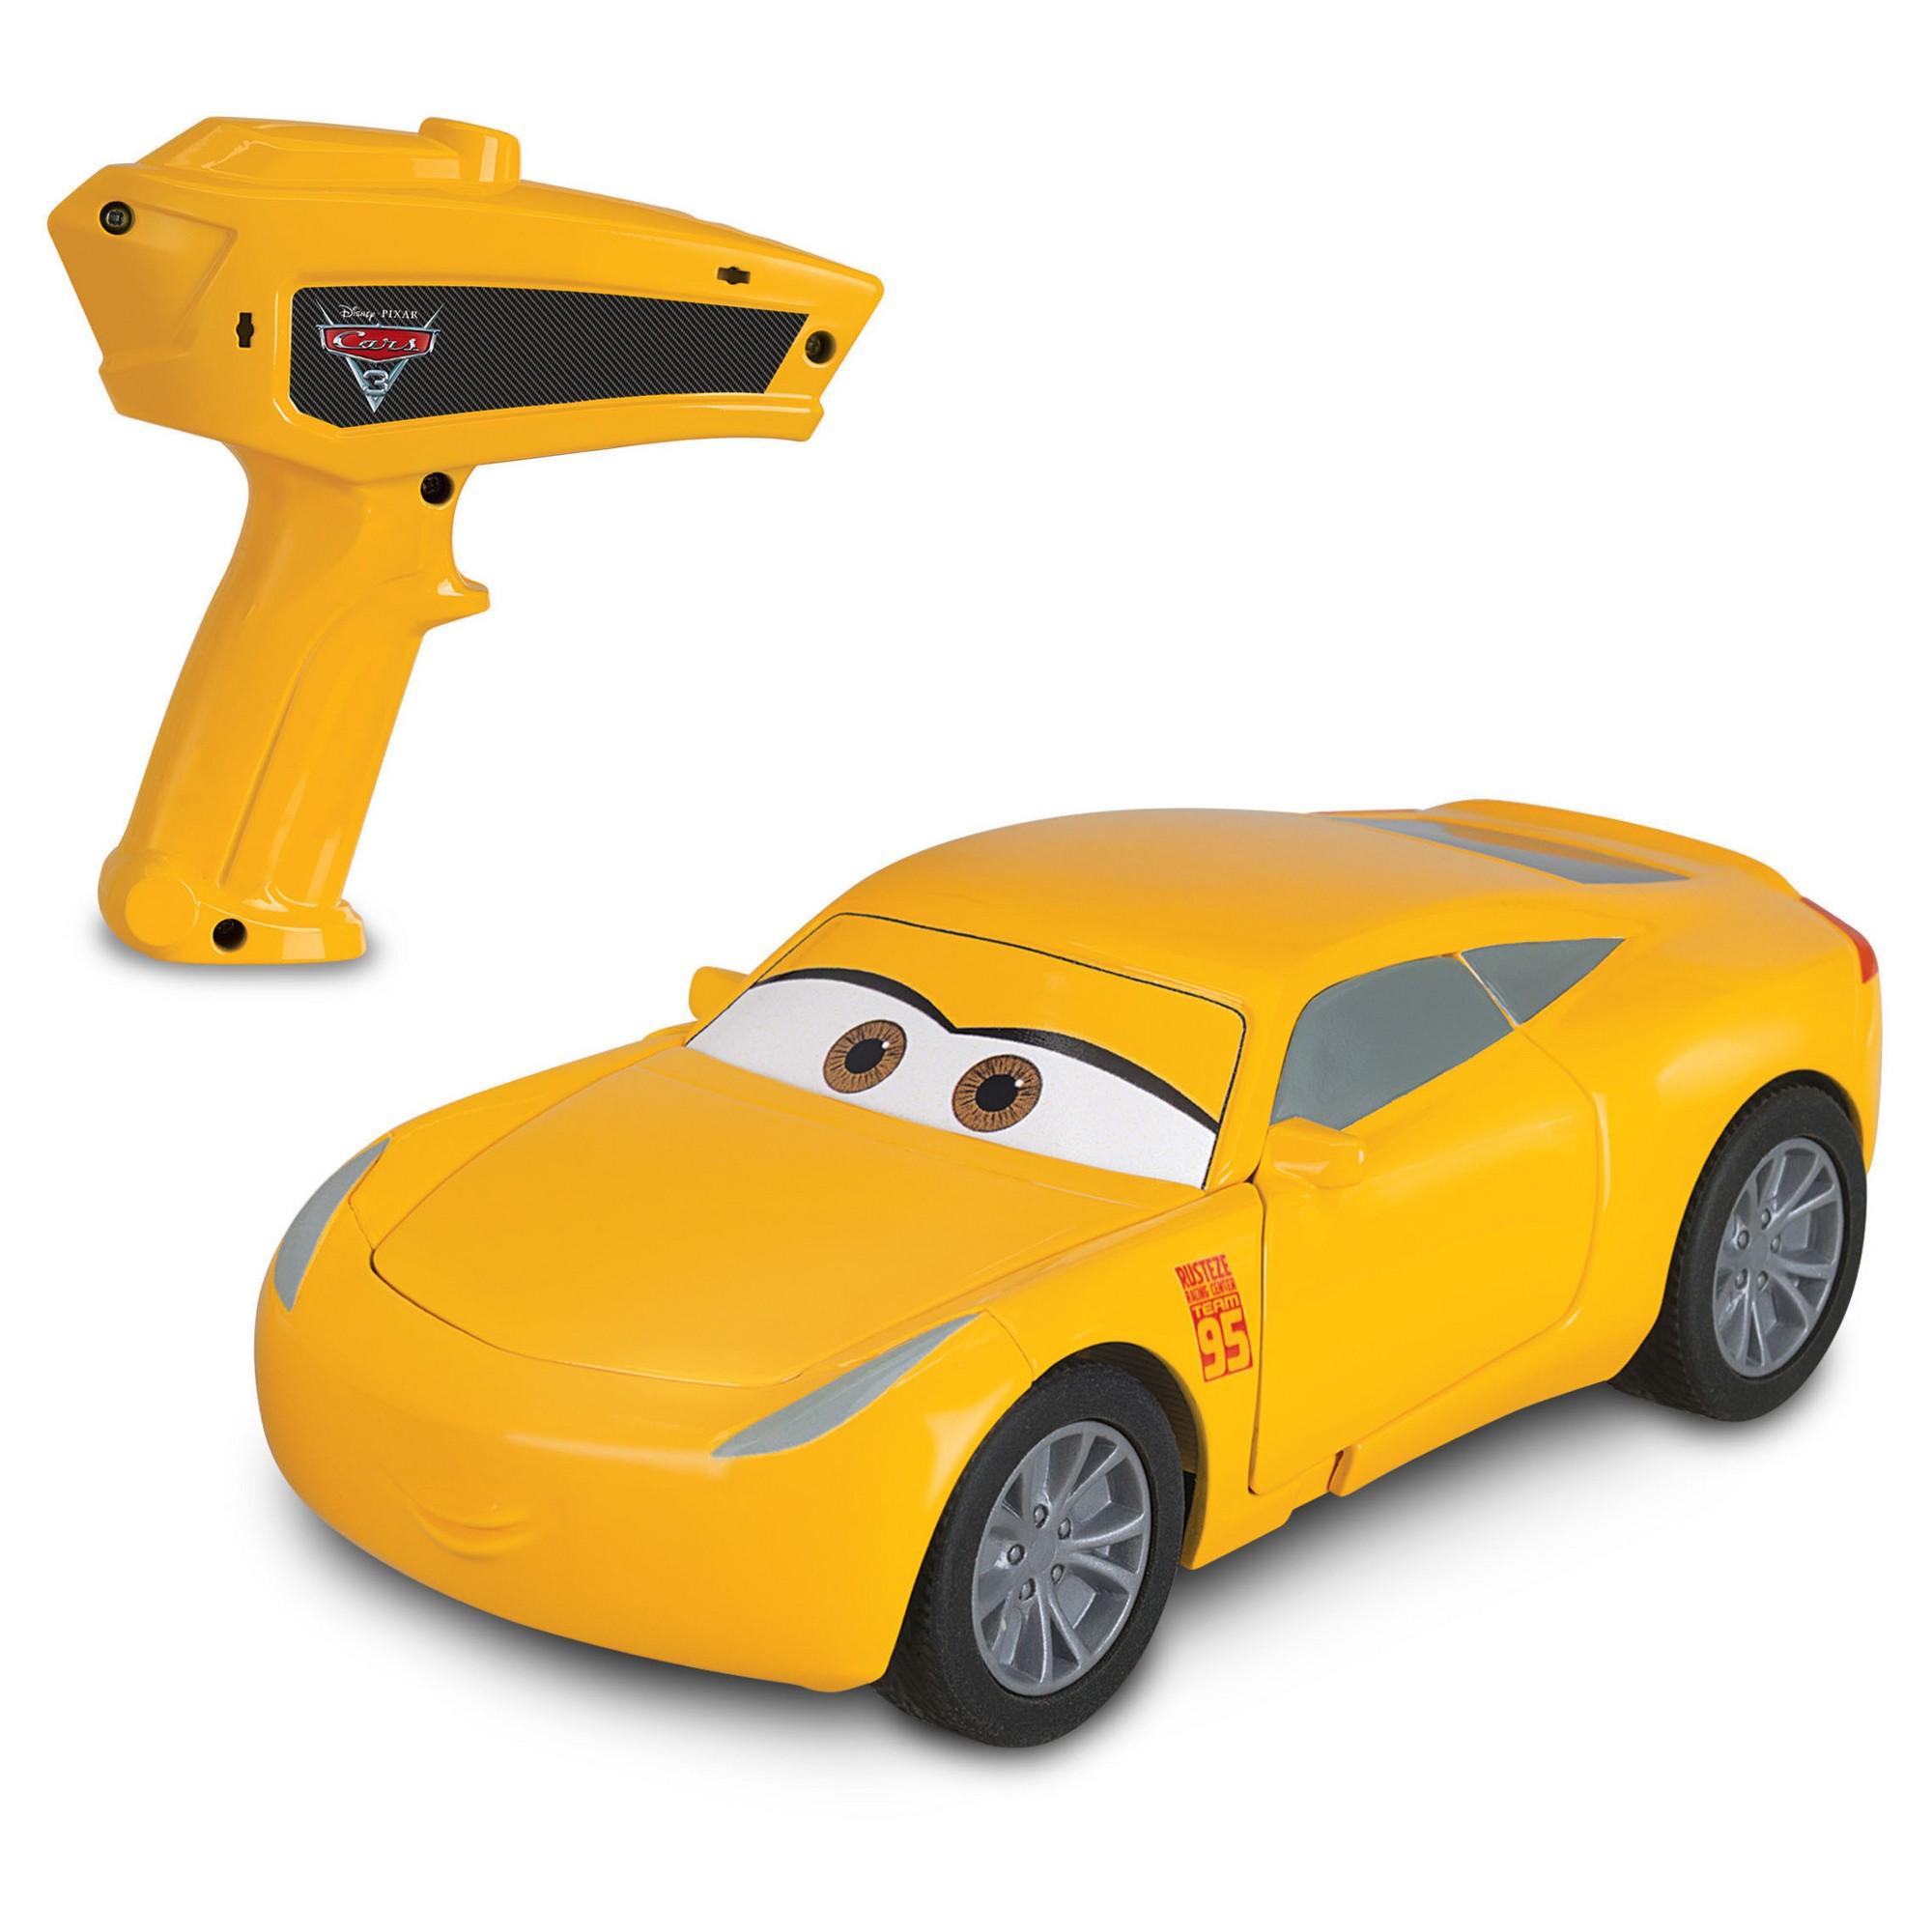 Disney Pixar Cars 3 - Cruz Ramirez Crazy Crash and Smash Vehicle ...